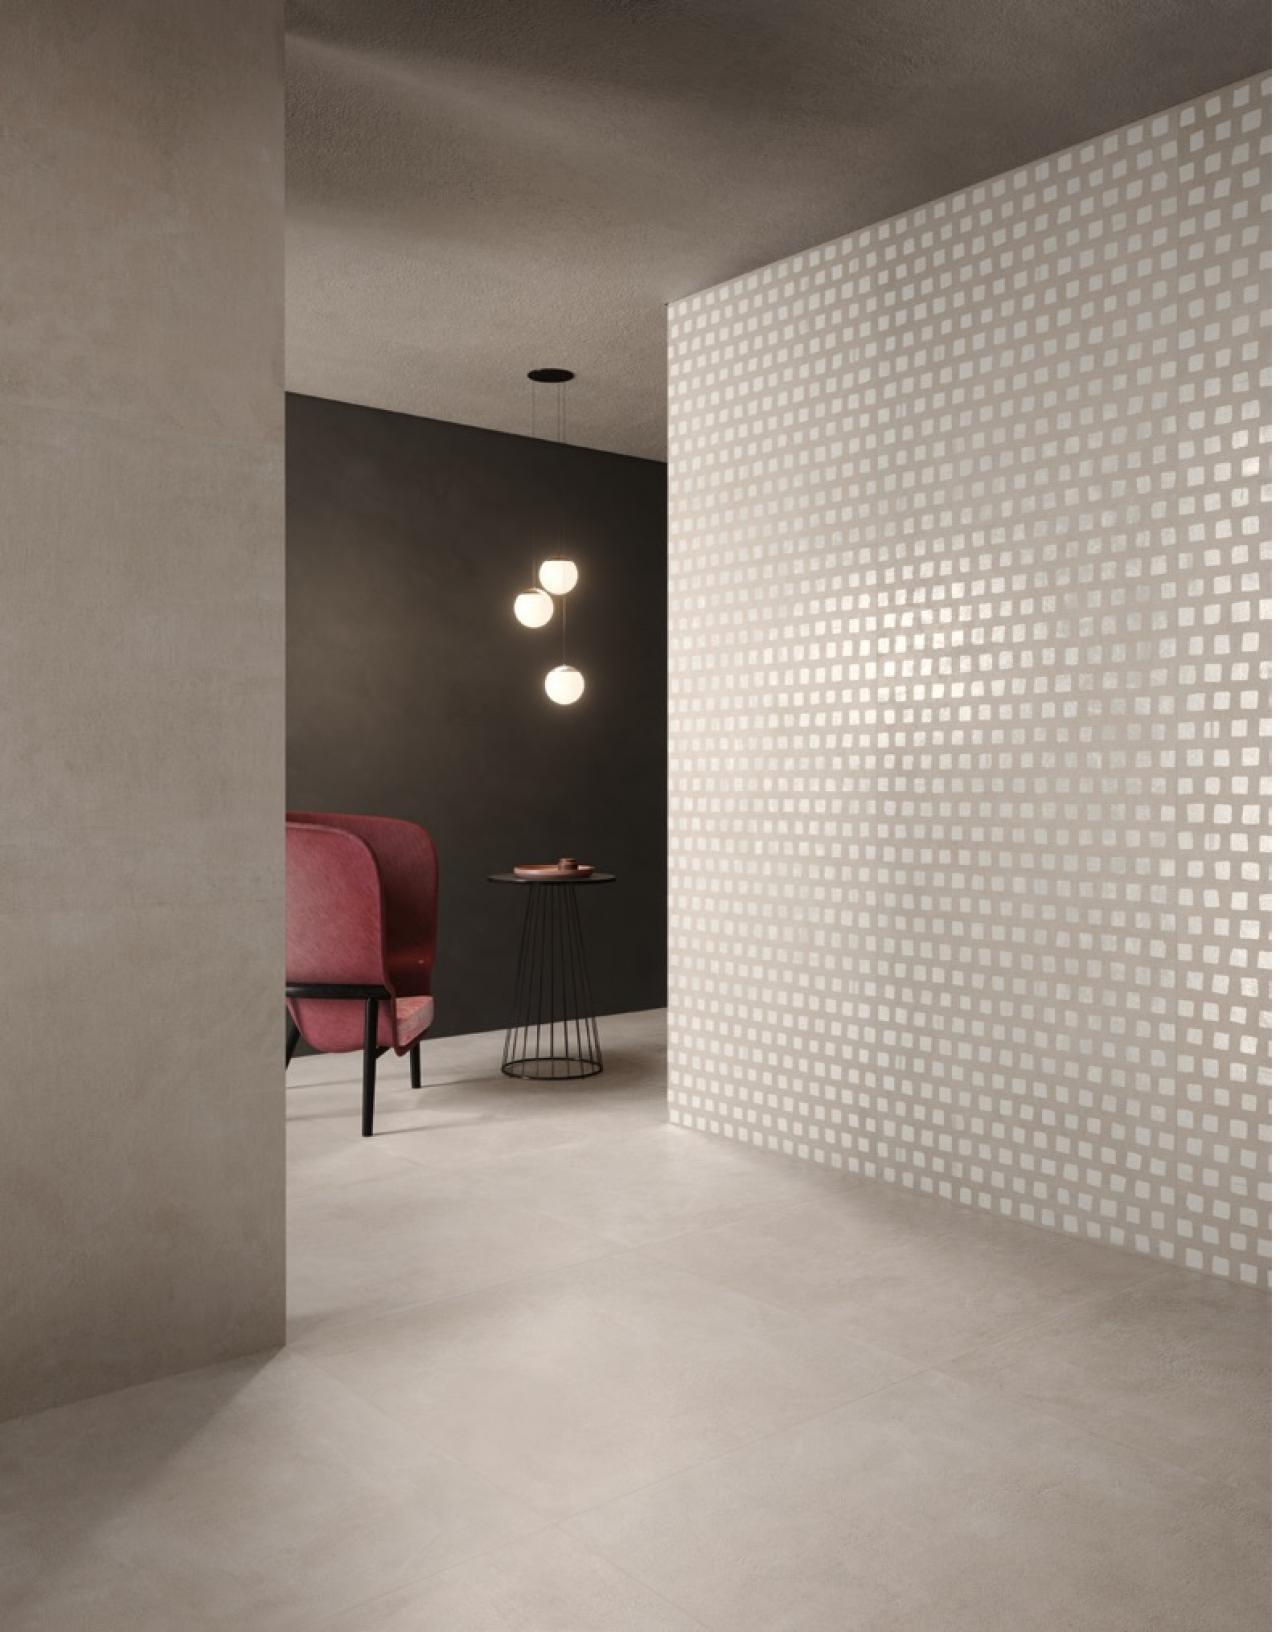 Mattonelle sant agostino perfect luxor grey piastrelle per salotto with mattonelle sant - Piastrelle bagno damascate ...